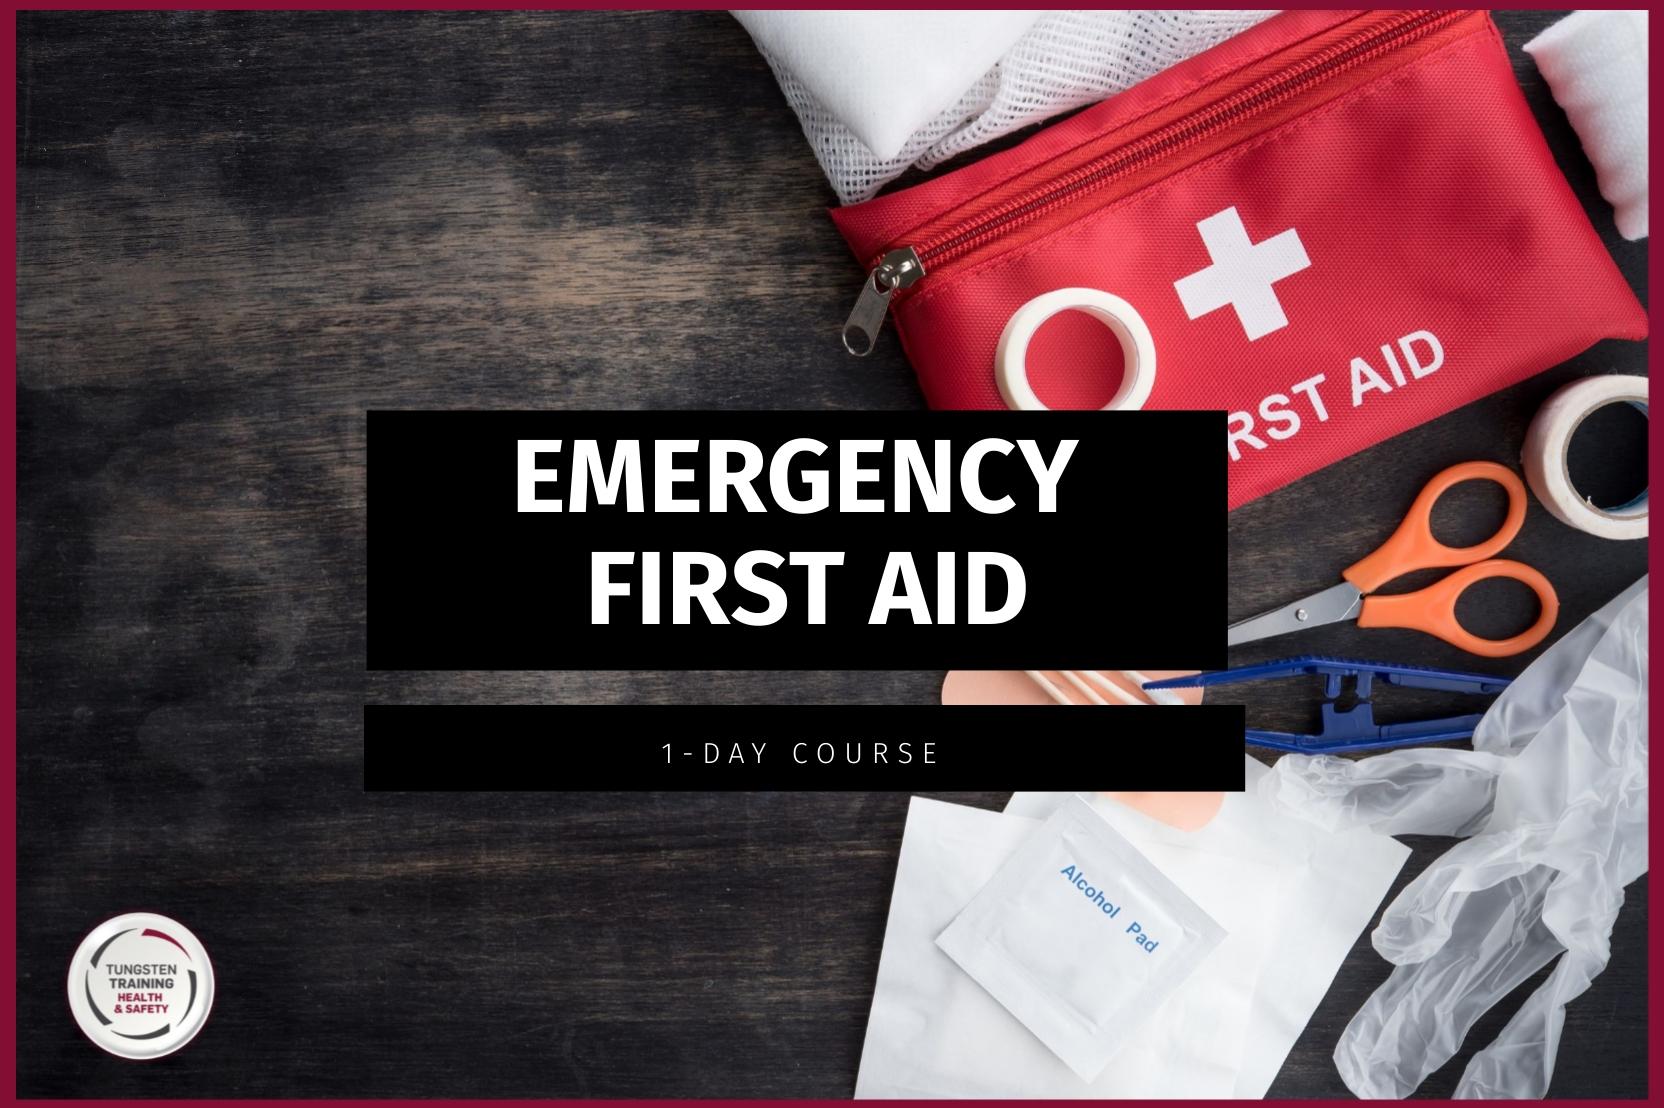 EMERGENCY-FIRST-AID.jpg